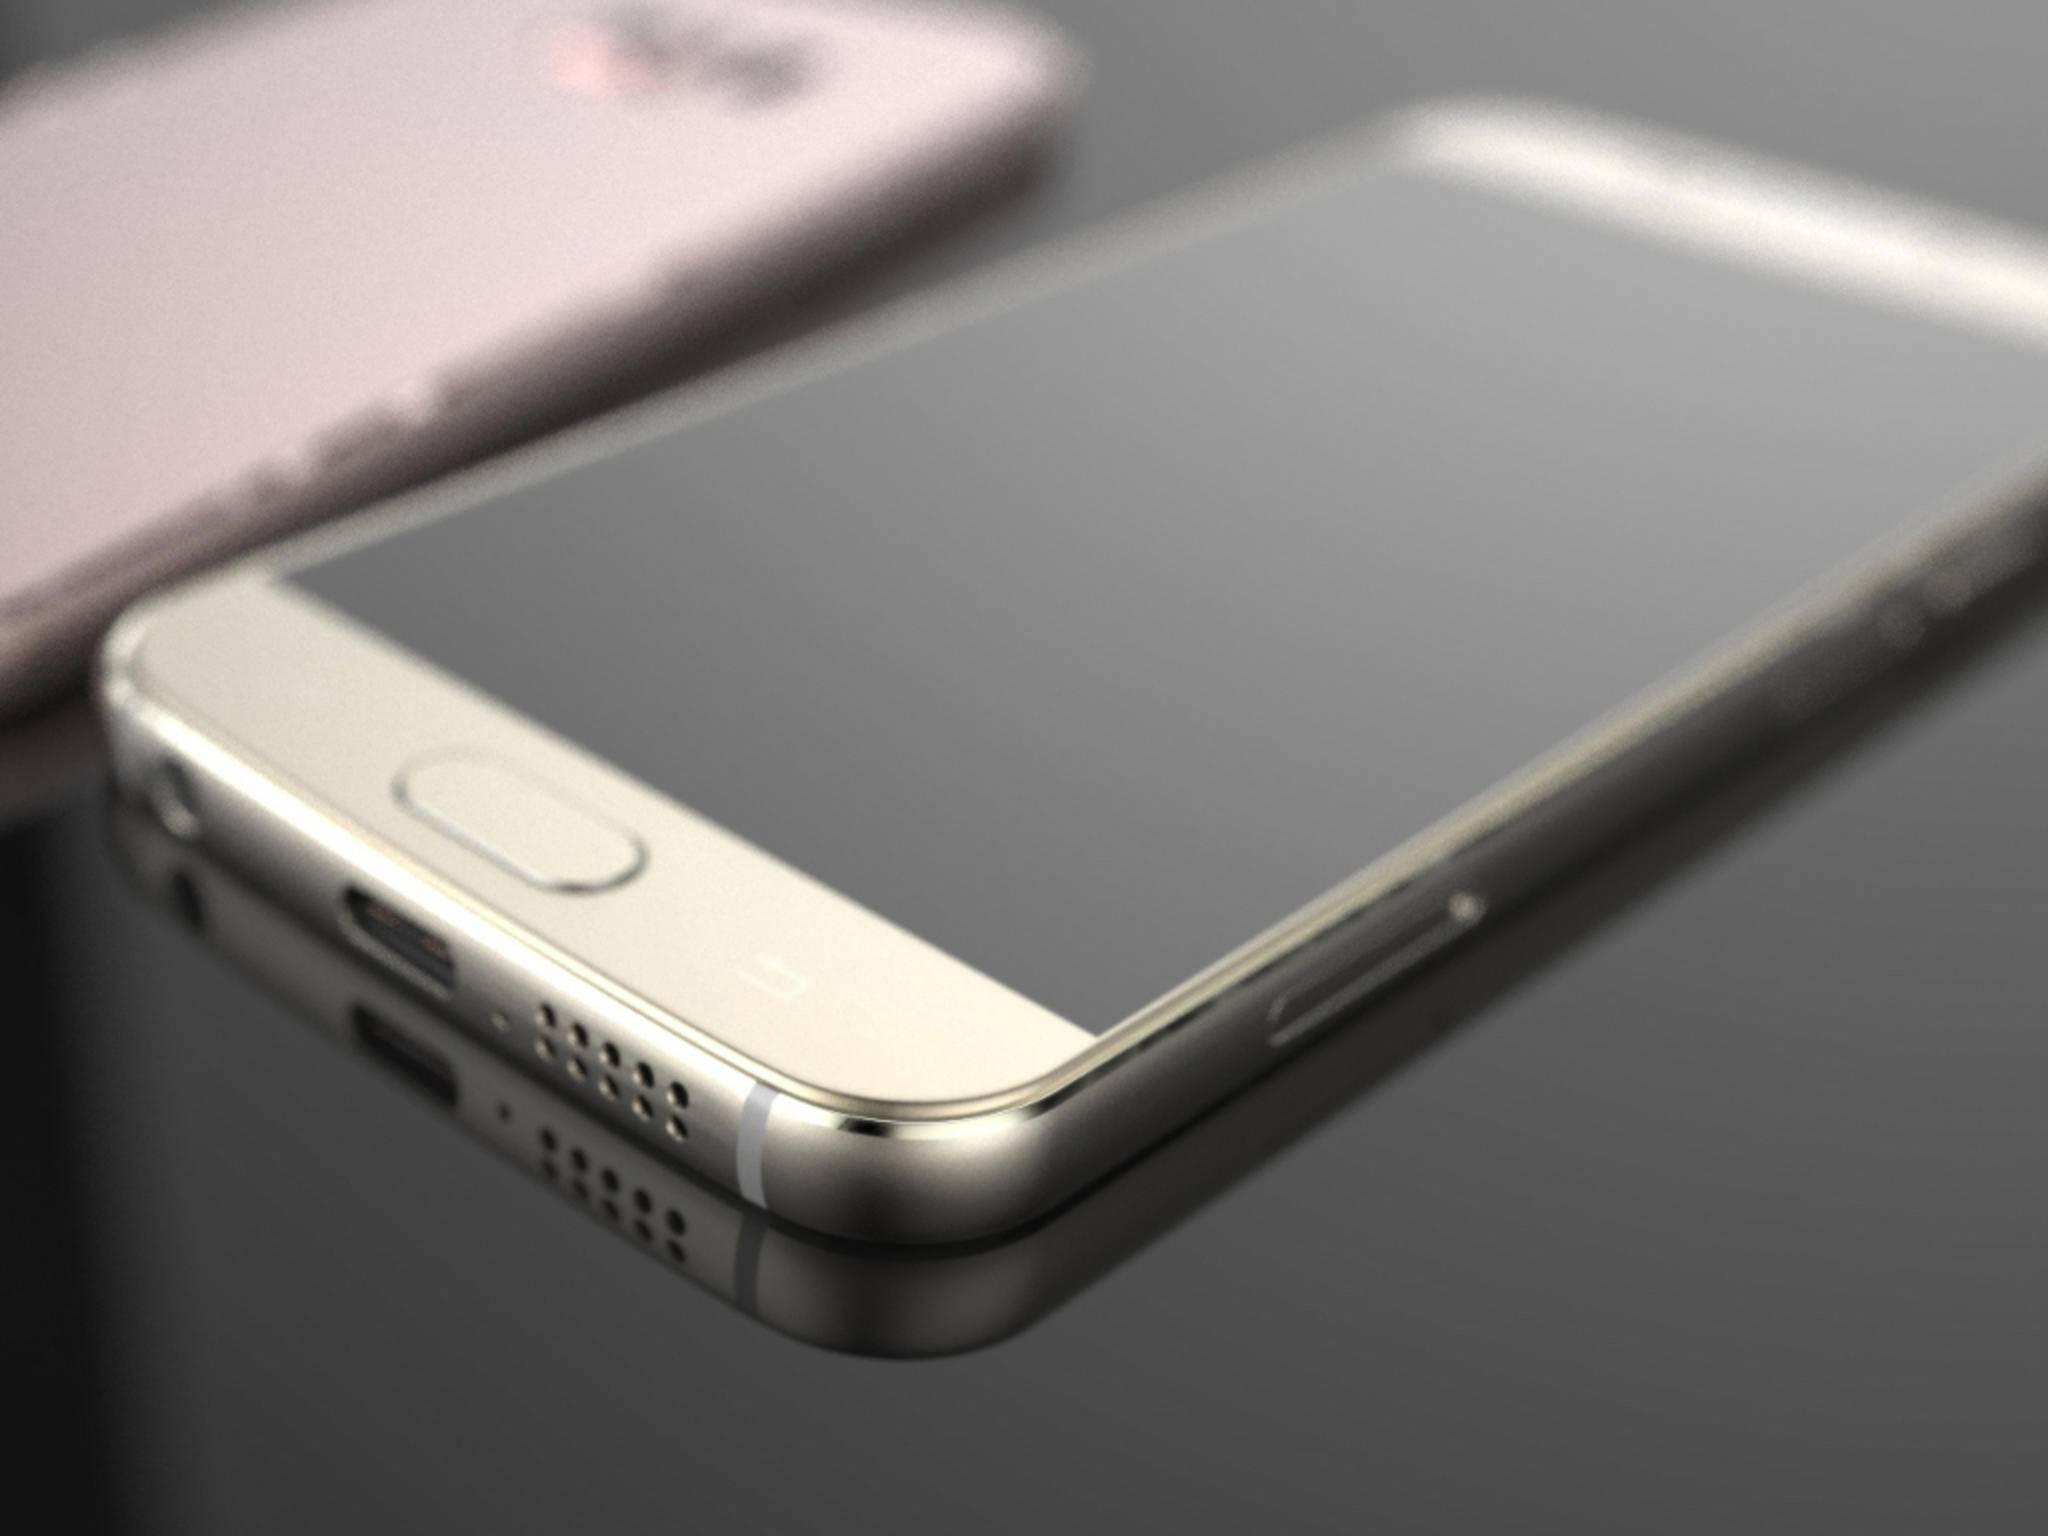 Das Galaxy S7 in einem Render-Konzept.